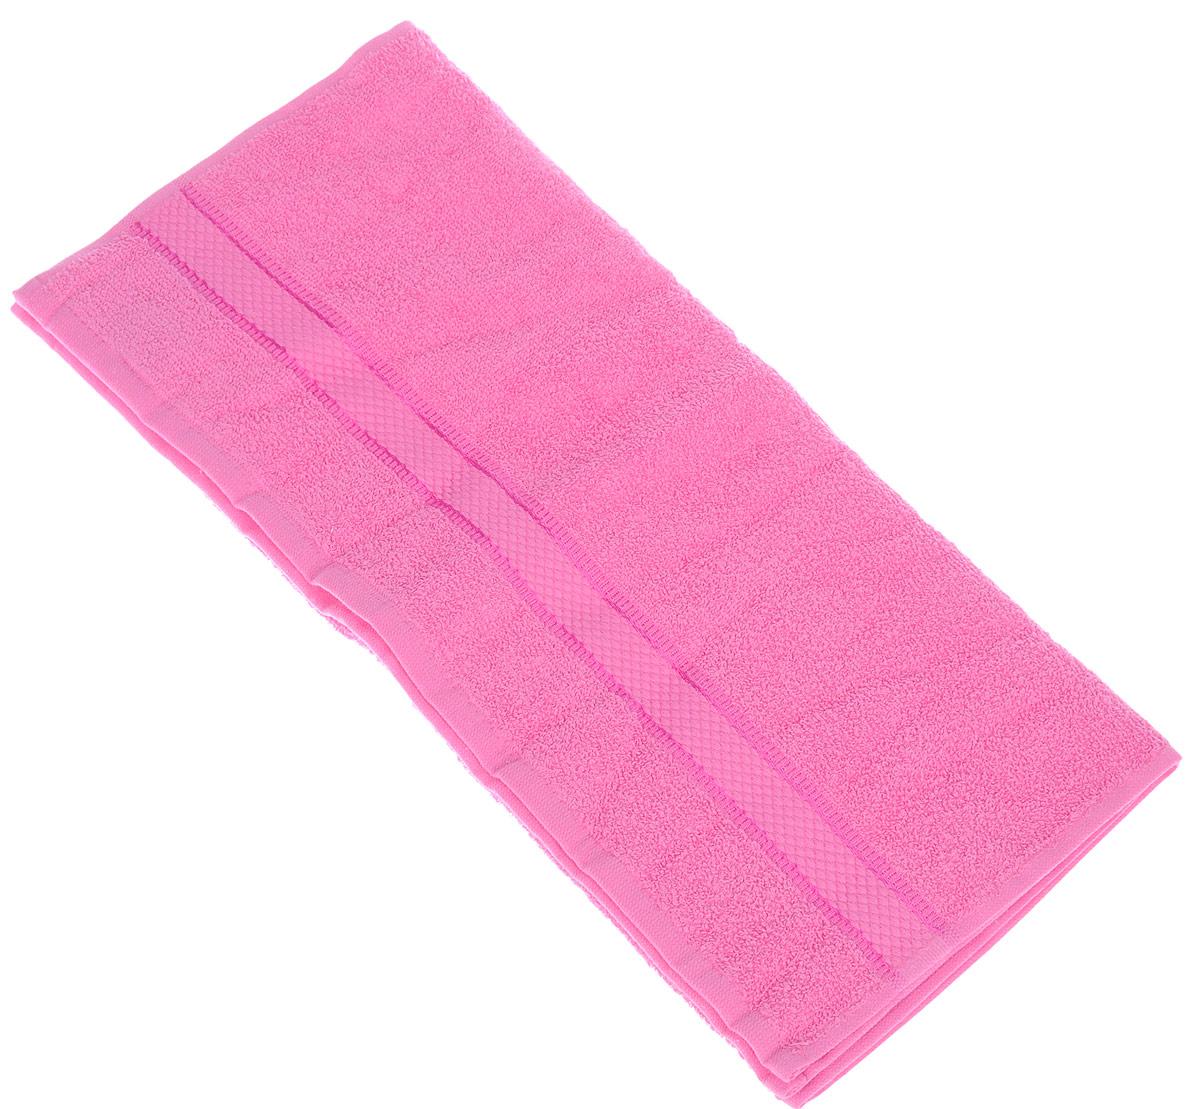 Полотенце Brielle Basic, цвет: фуксия, 50 х 85 см1209Полотенца ТАС Приятно удивляют и дают возможность почувствовать себя творцом окружающего декора. Махровая ткань – официальное название «фроте», народное – «махра». Фроте – это натуральная ткань, поверхность которой состоит из ворса (петель основных нитей). Ворс может быть как одинарным (односторонним), так и двойным (двусторонним).